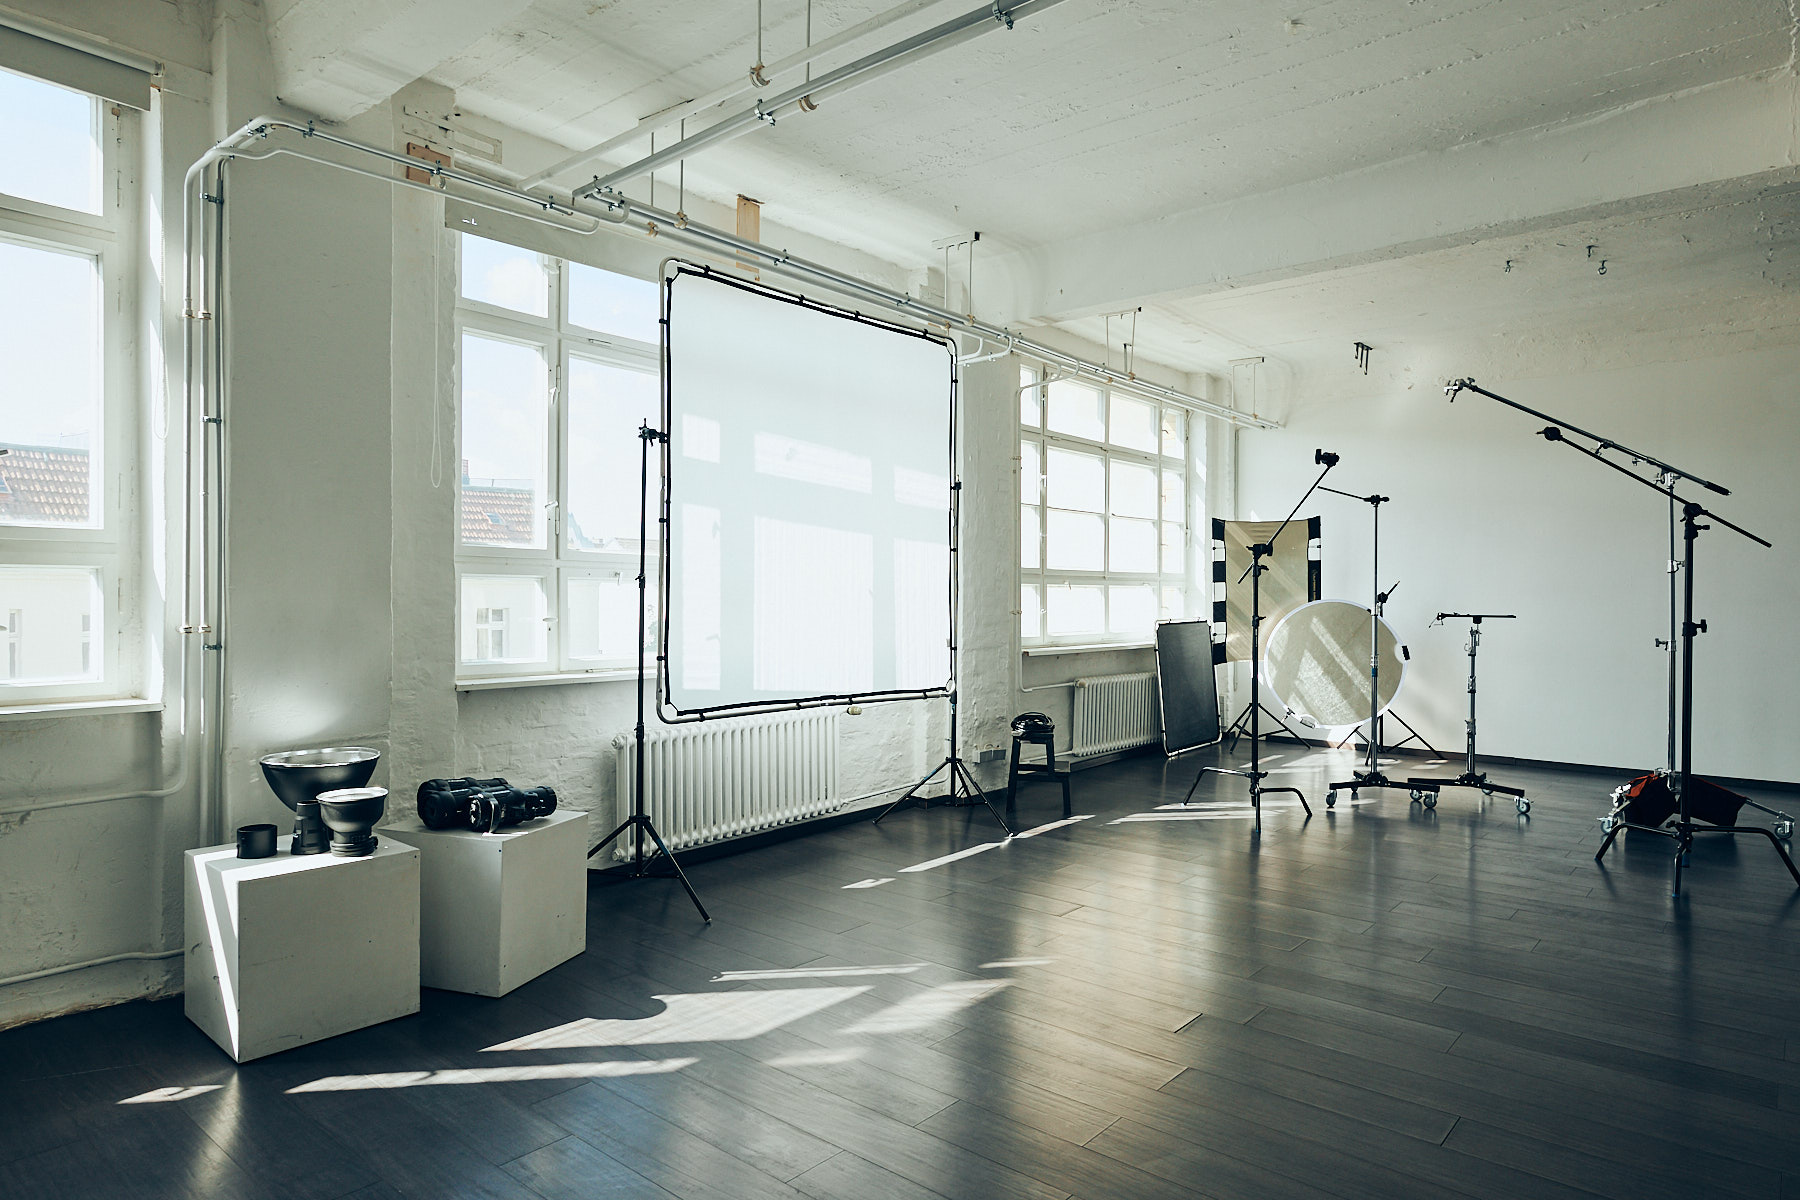 Fotstudio Mietstudio Berlin